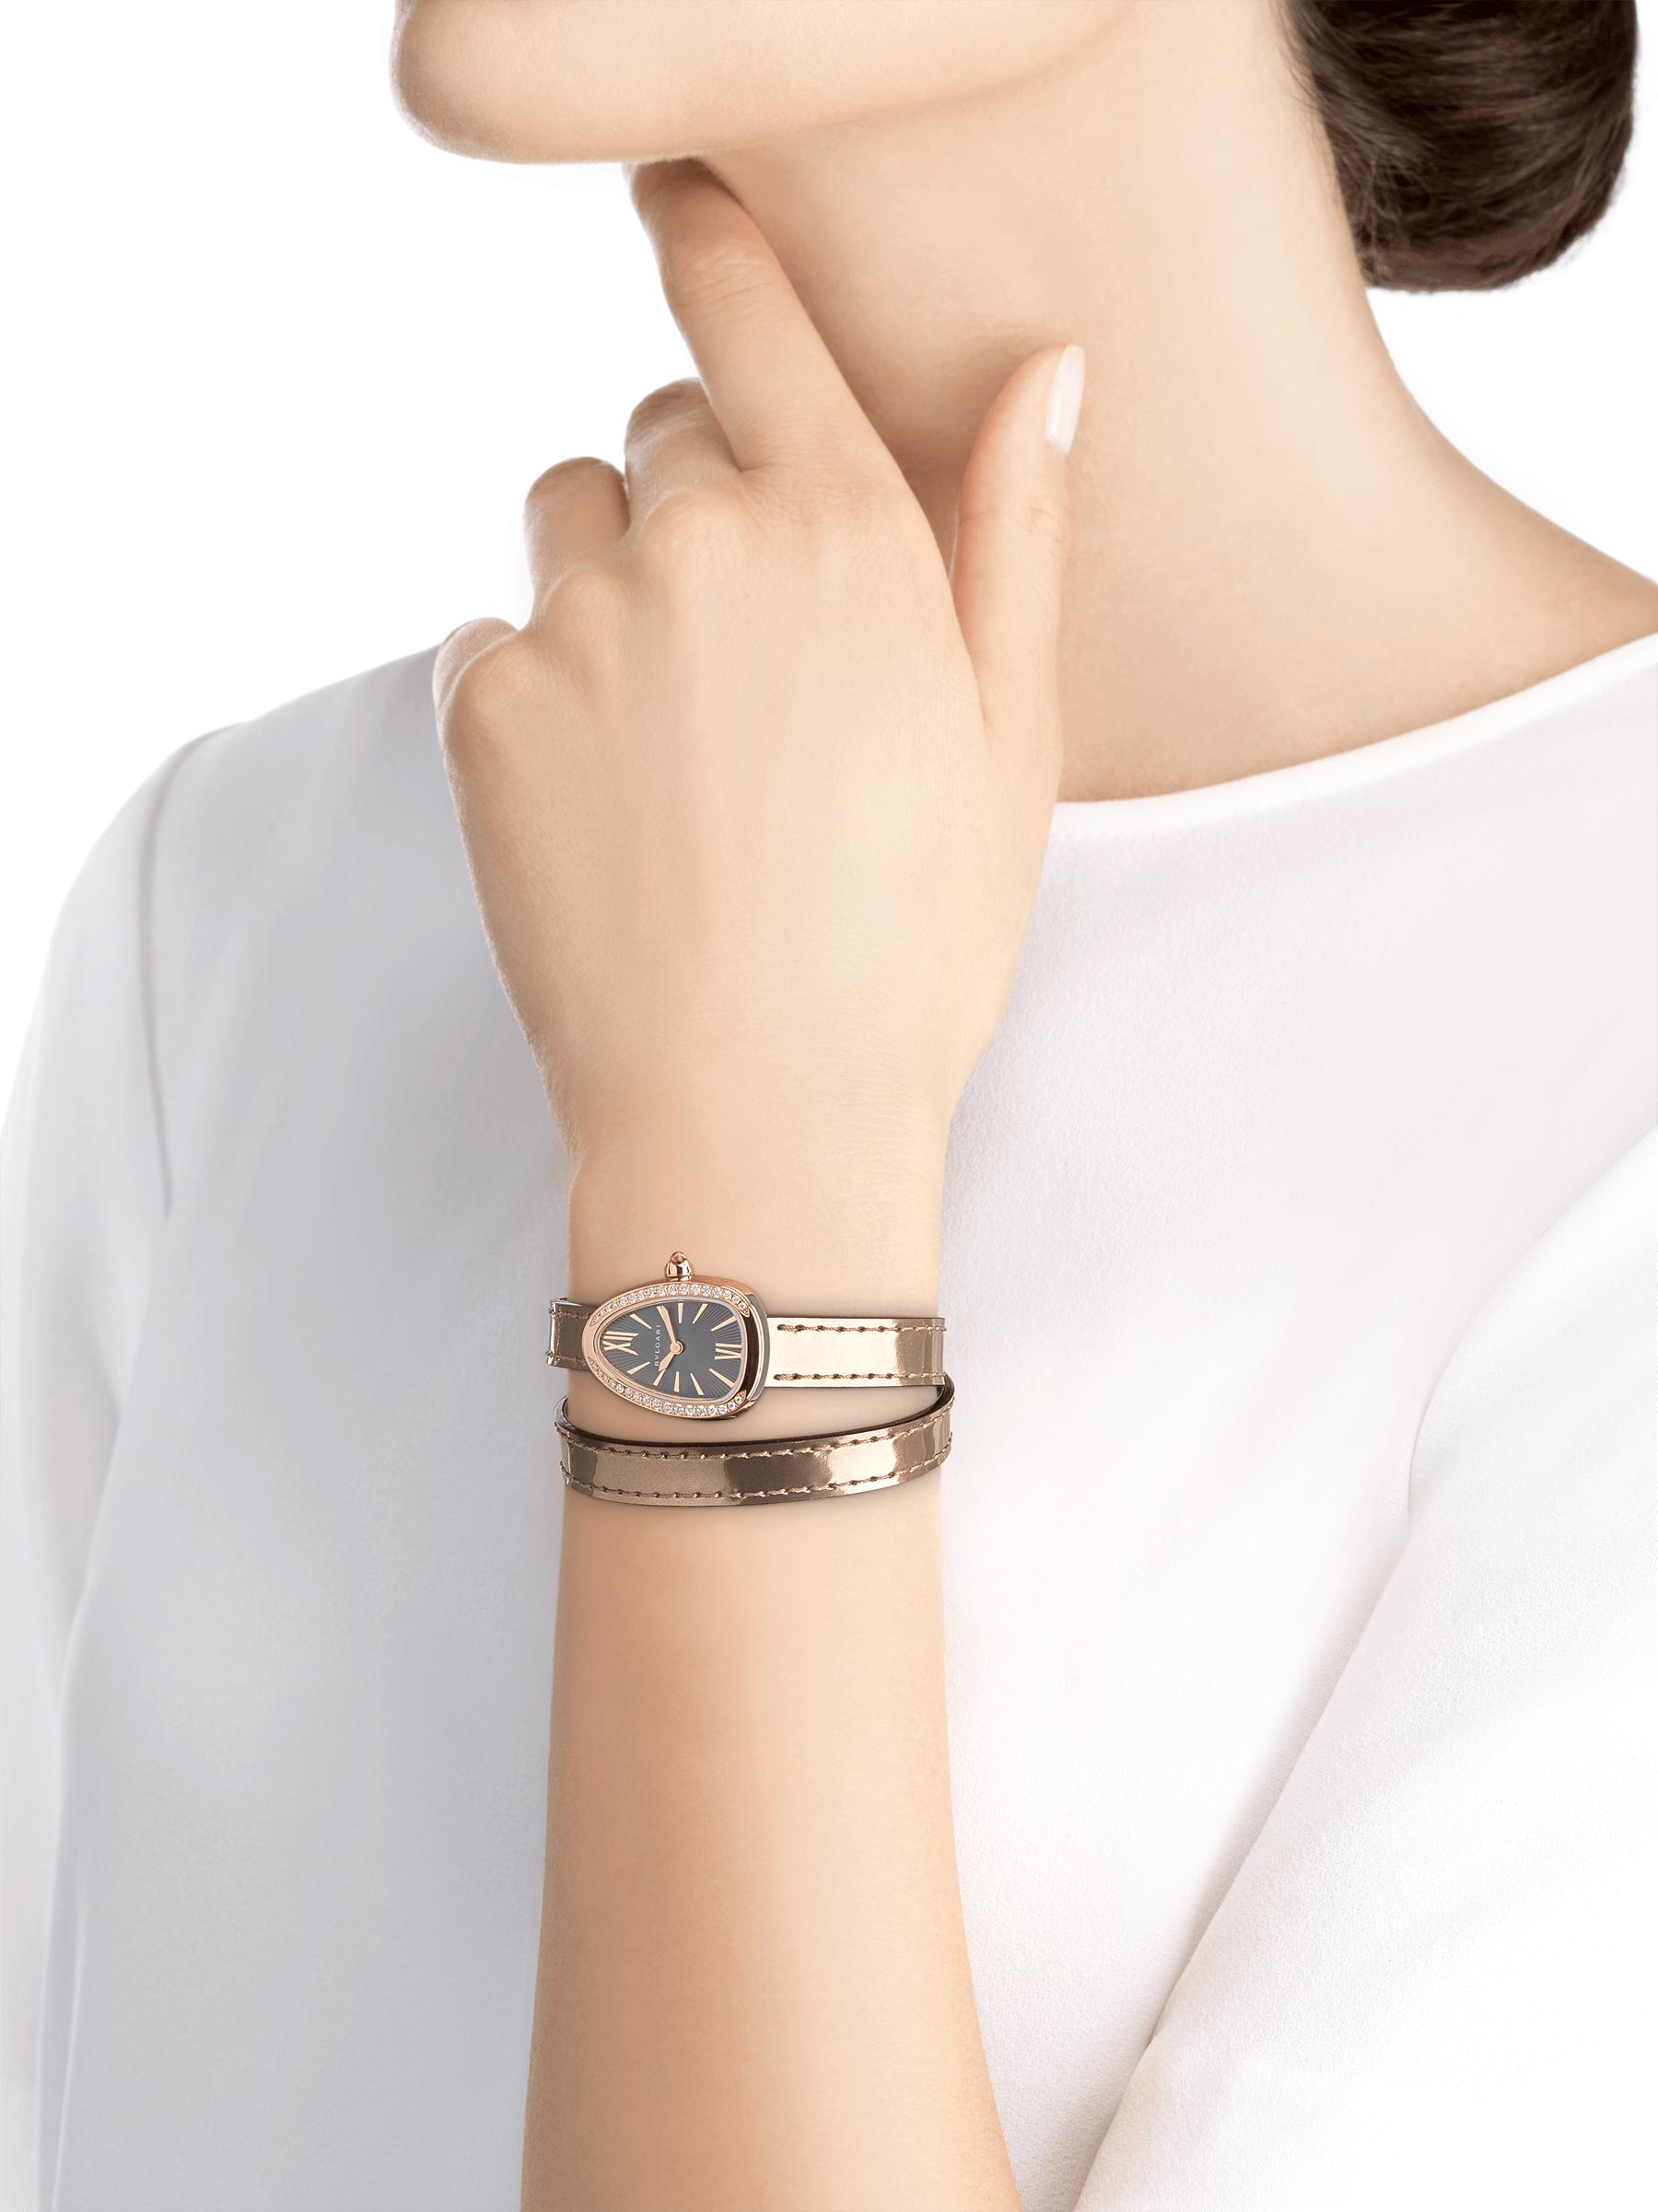 Relógio Serpenti com caixa em aço inoxidável, bezel em ouro rosa 18 K cravejado com diamantes, mostrador laqueado cinza e pulseira de duas voltas intercambiável em couro de novilho bronze antigo metálico escovado. 102968 image 4